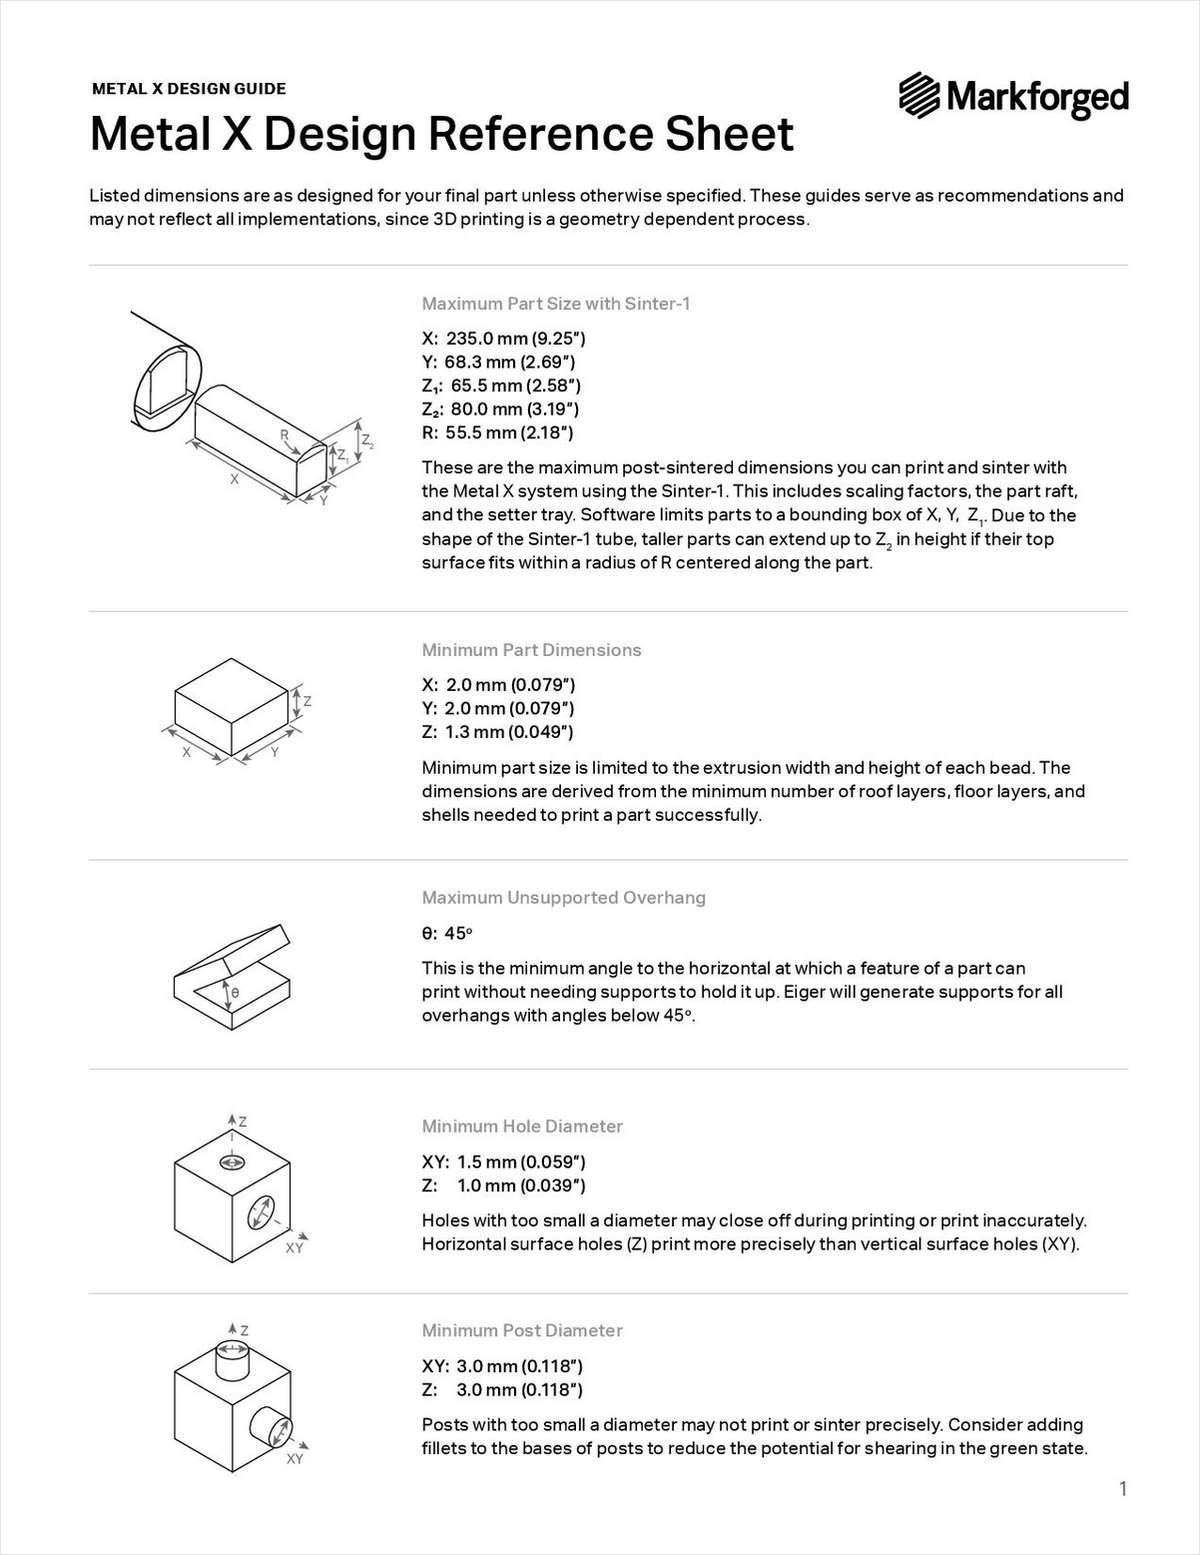 Design Guide for Metal 3D Printing